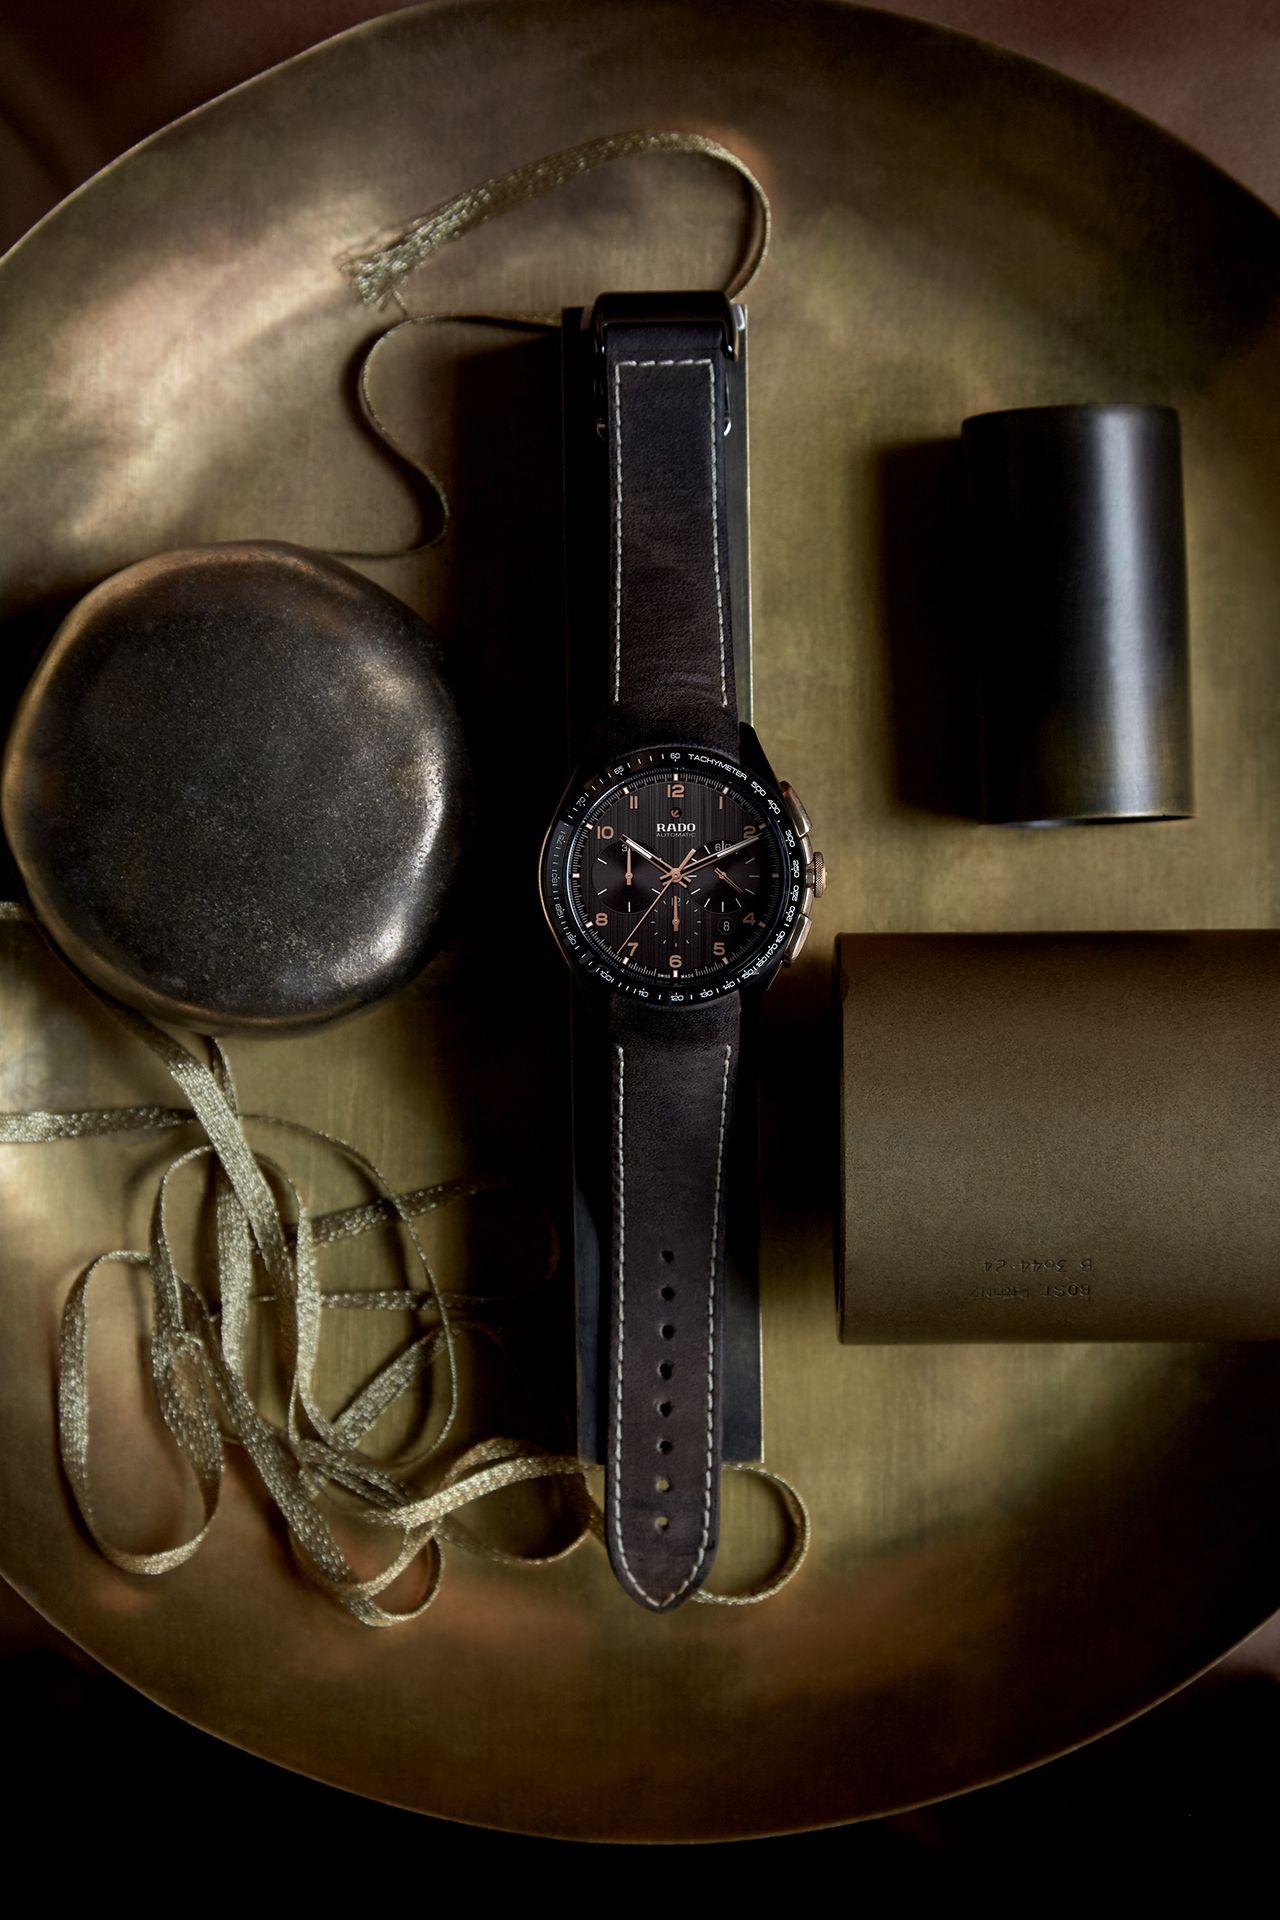 Rado HyperChrome Chronograph Automatic Bronze - csak a tok oldali kaptak betétet bronzból